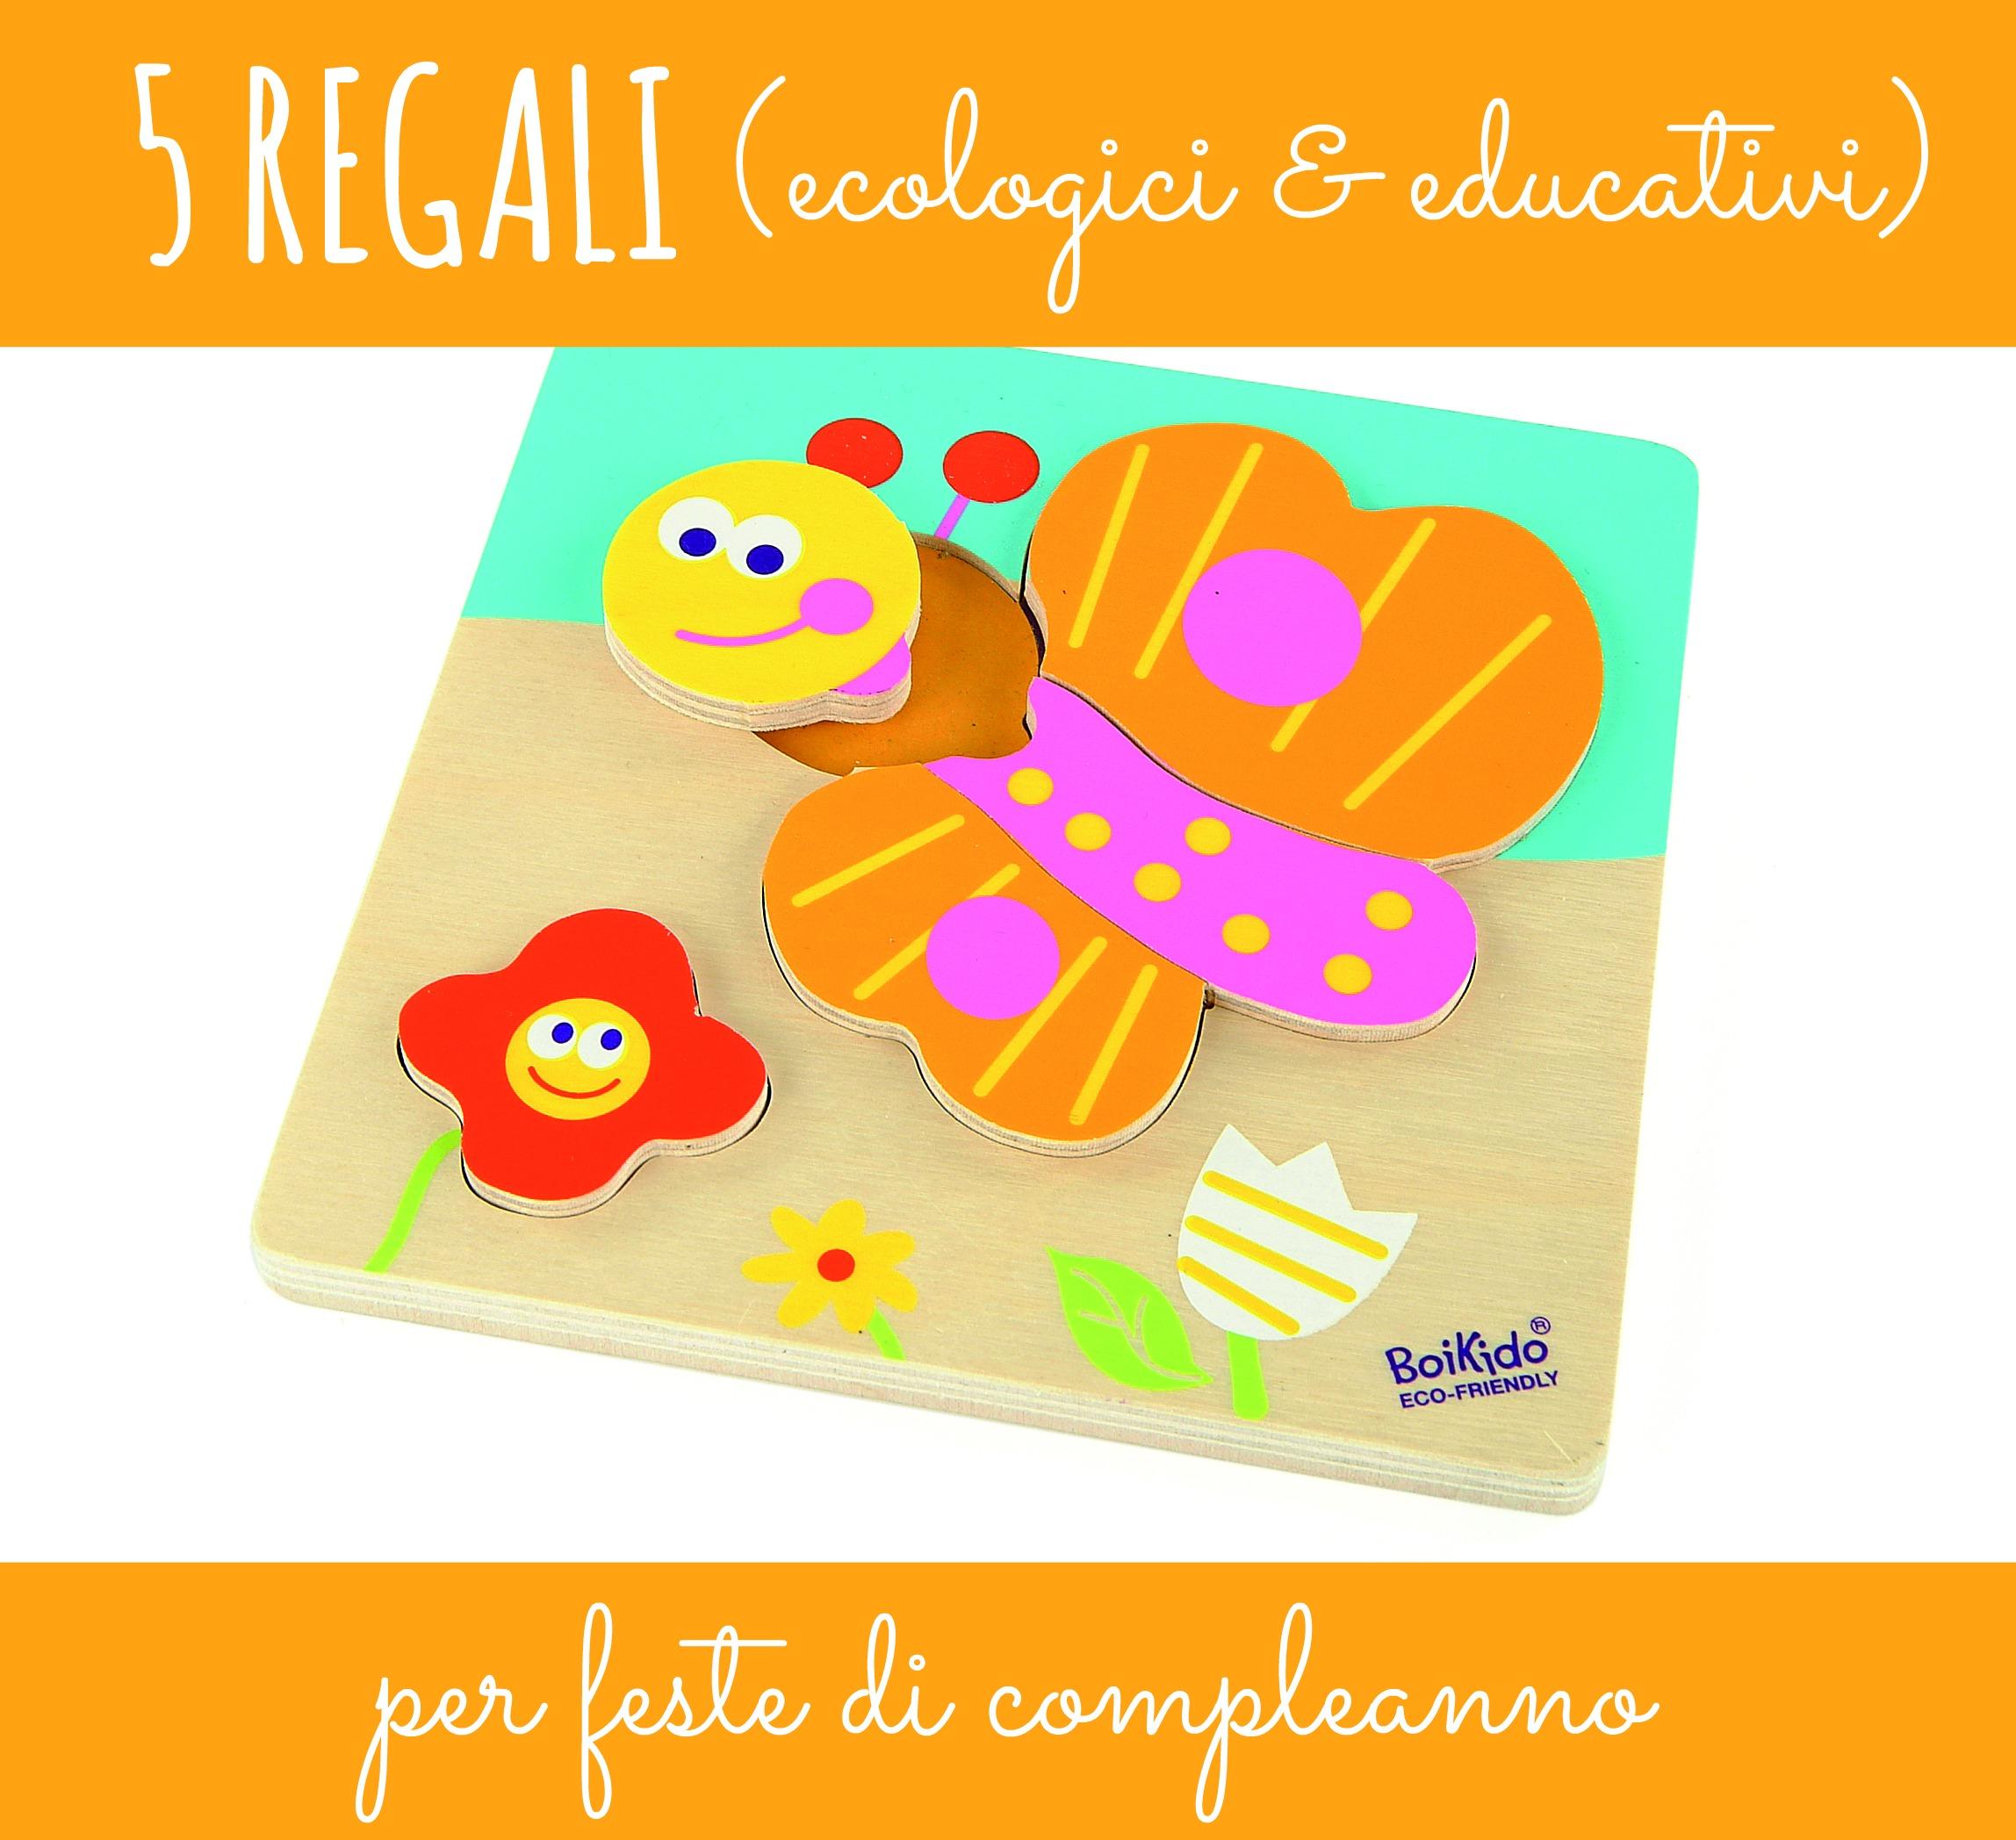 Eccezionale 5 regali (ecologici & educativi) per feste di compleanno - BabyGreen XM36